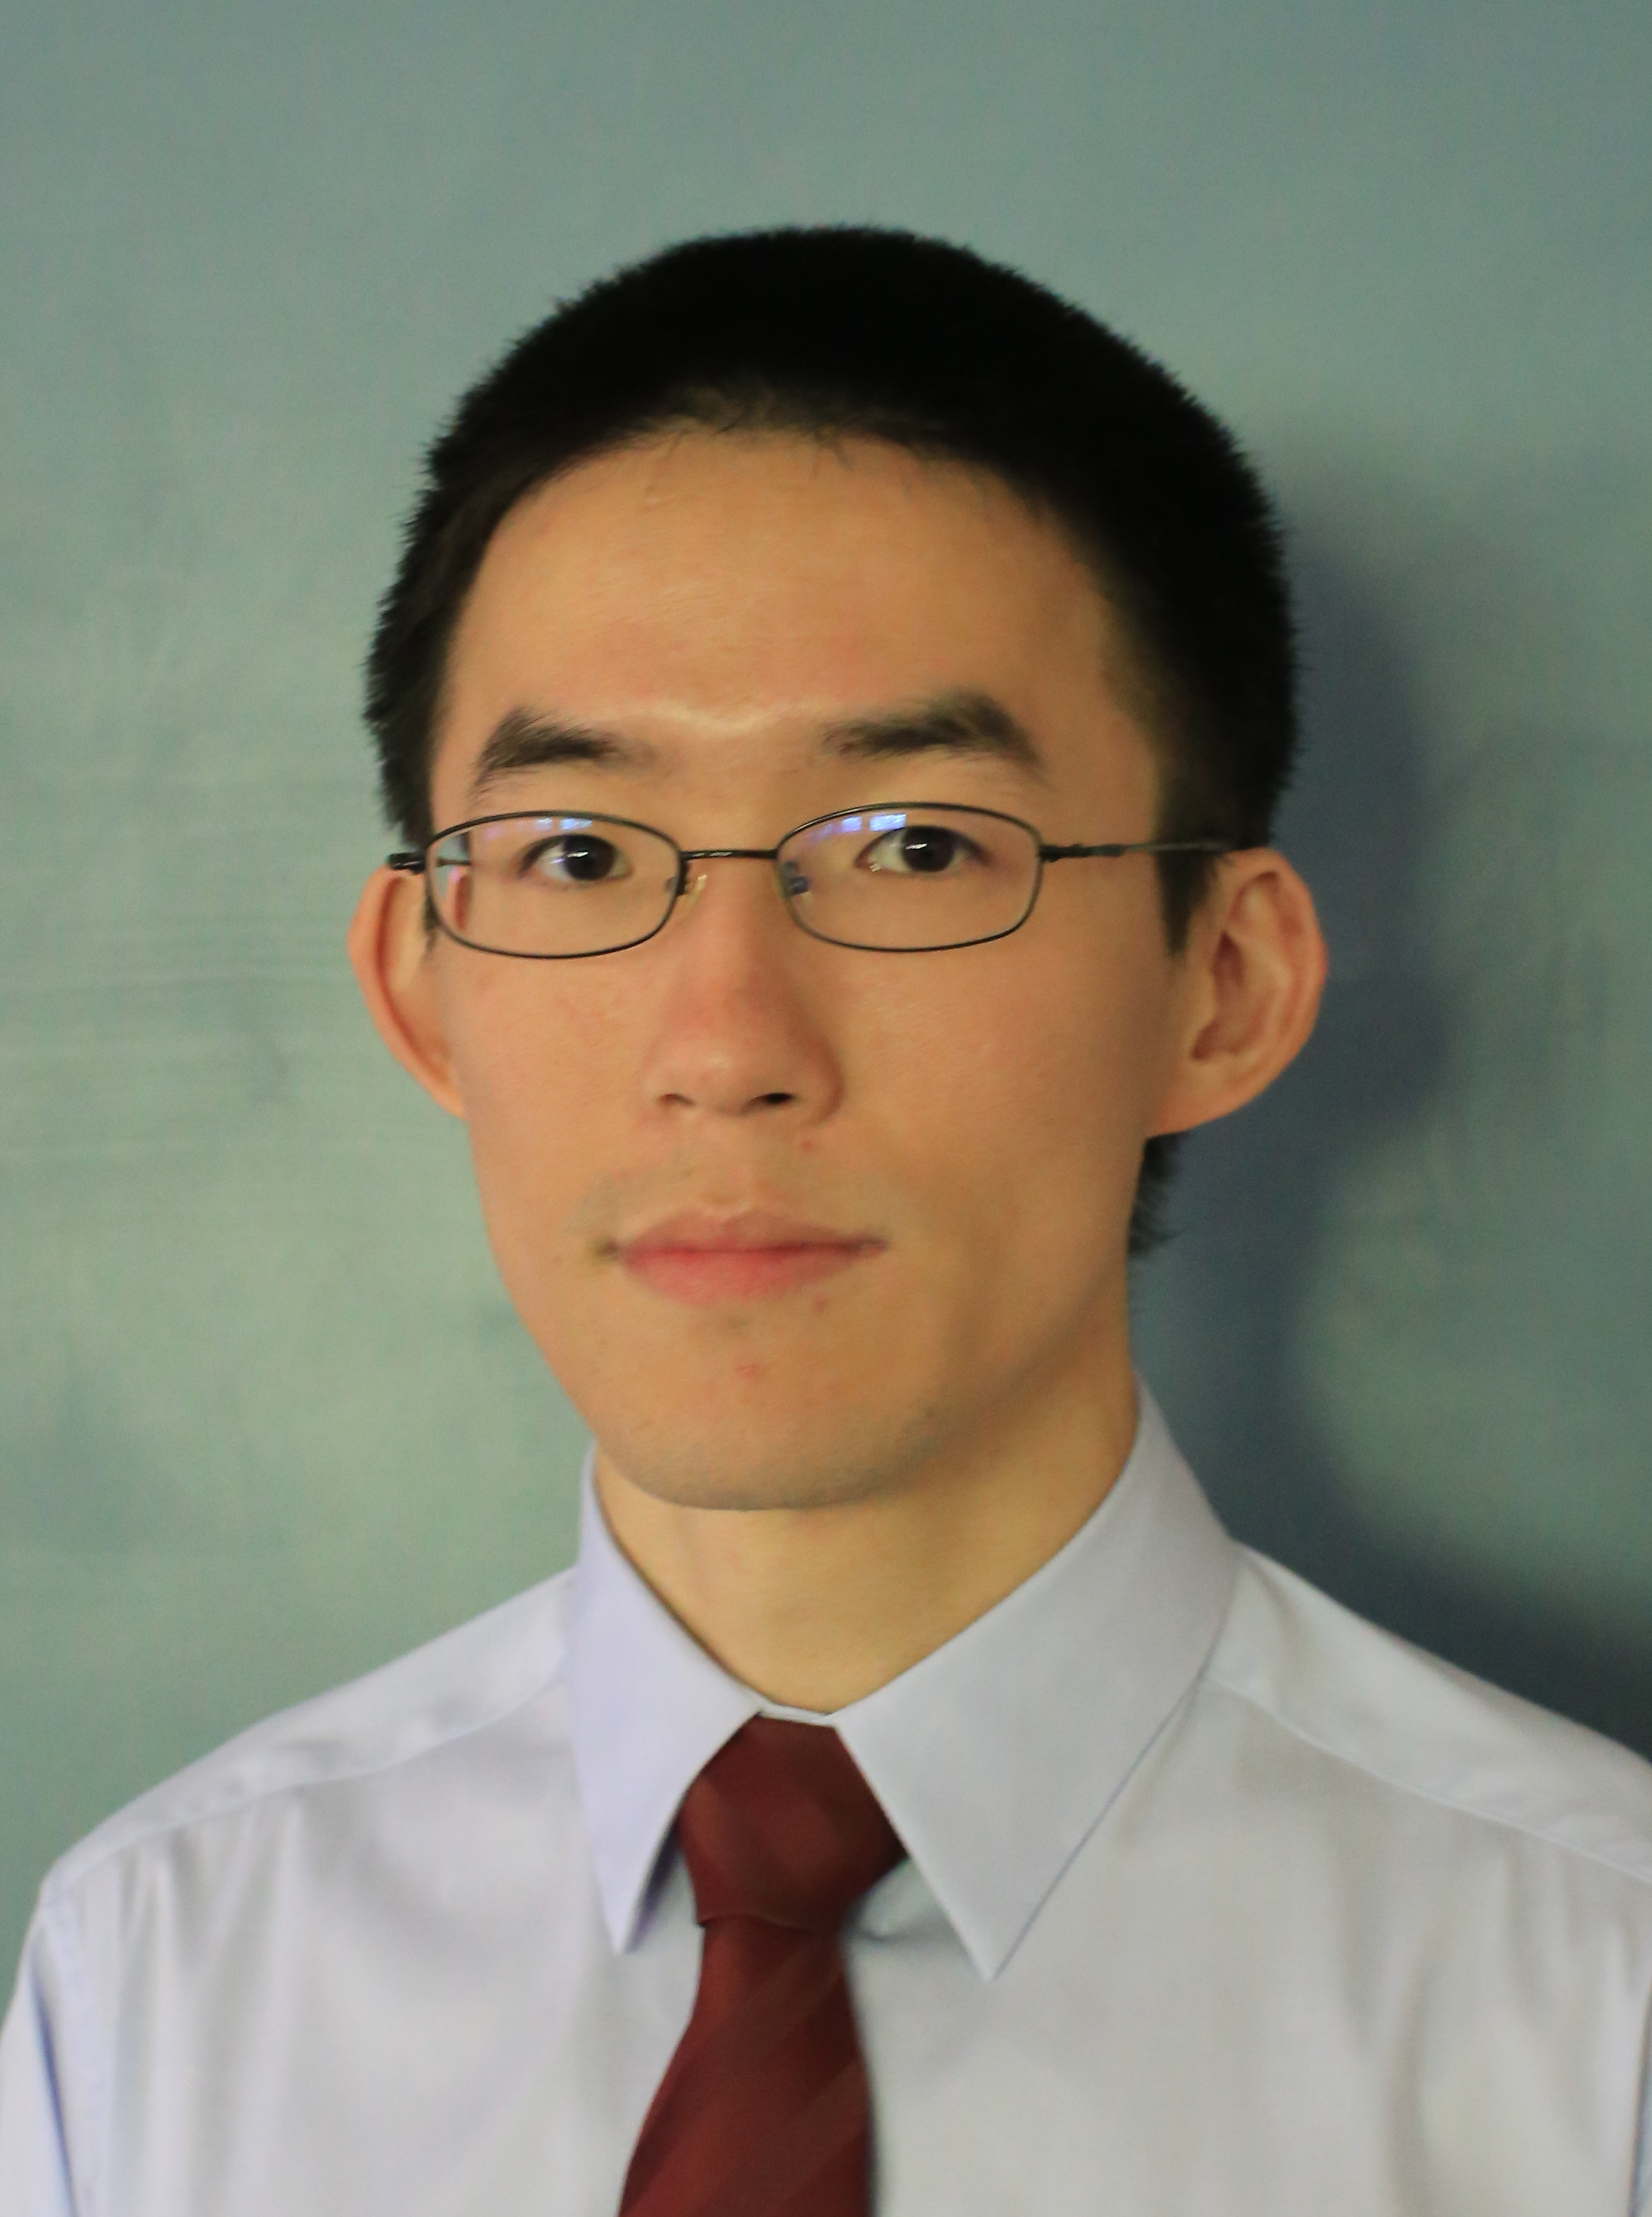 Profile picture of Chaojun Wang